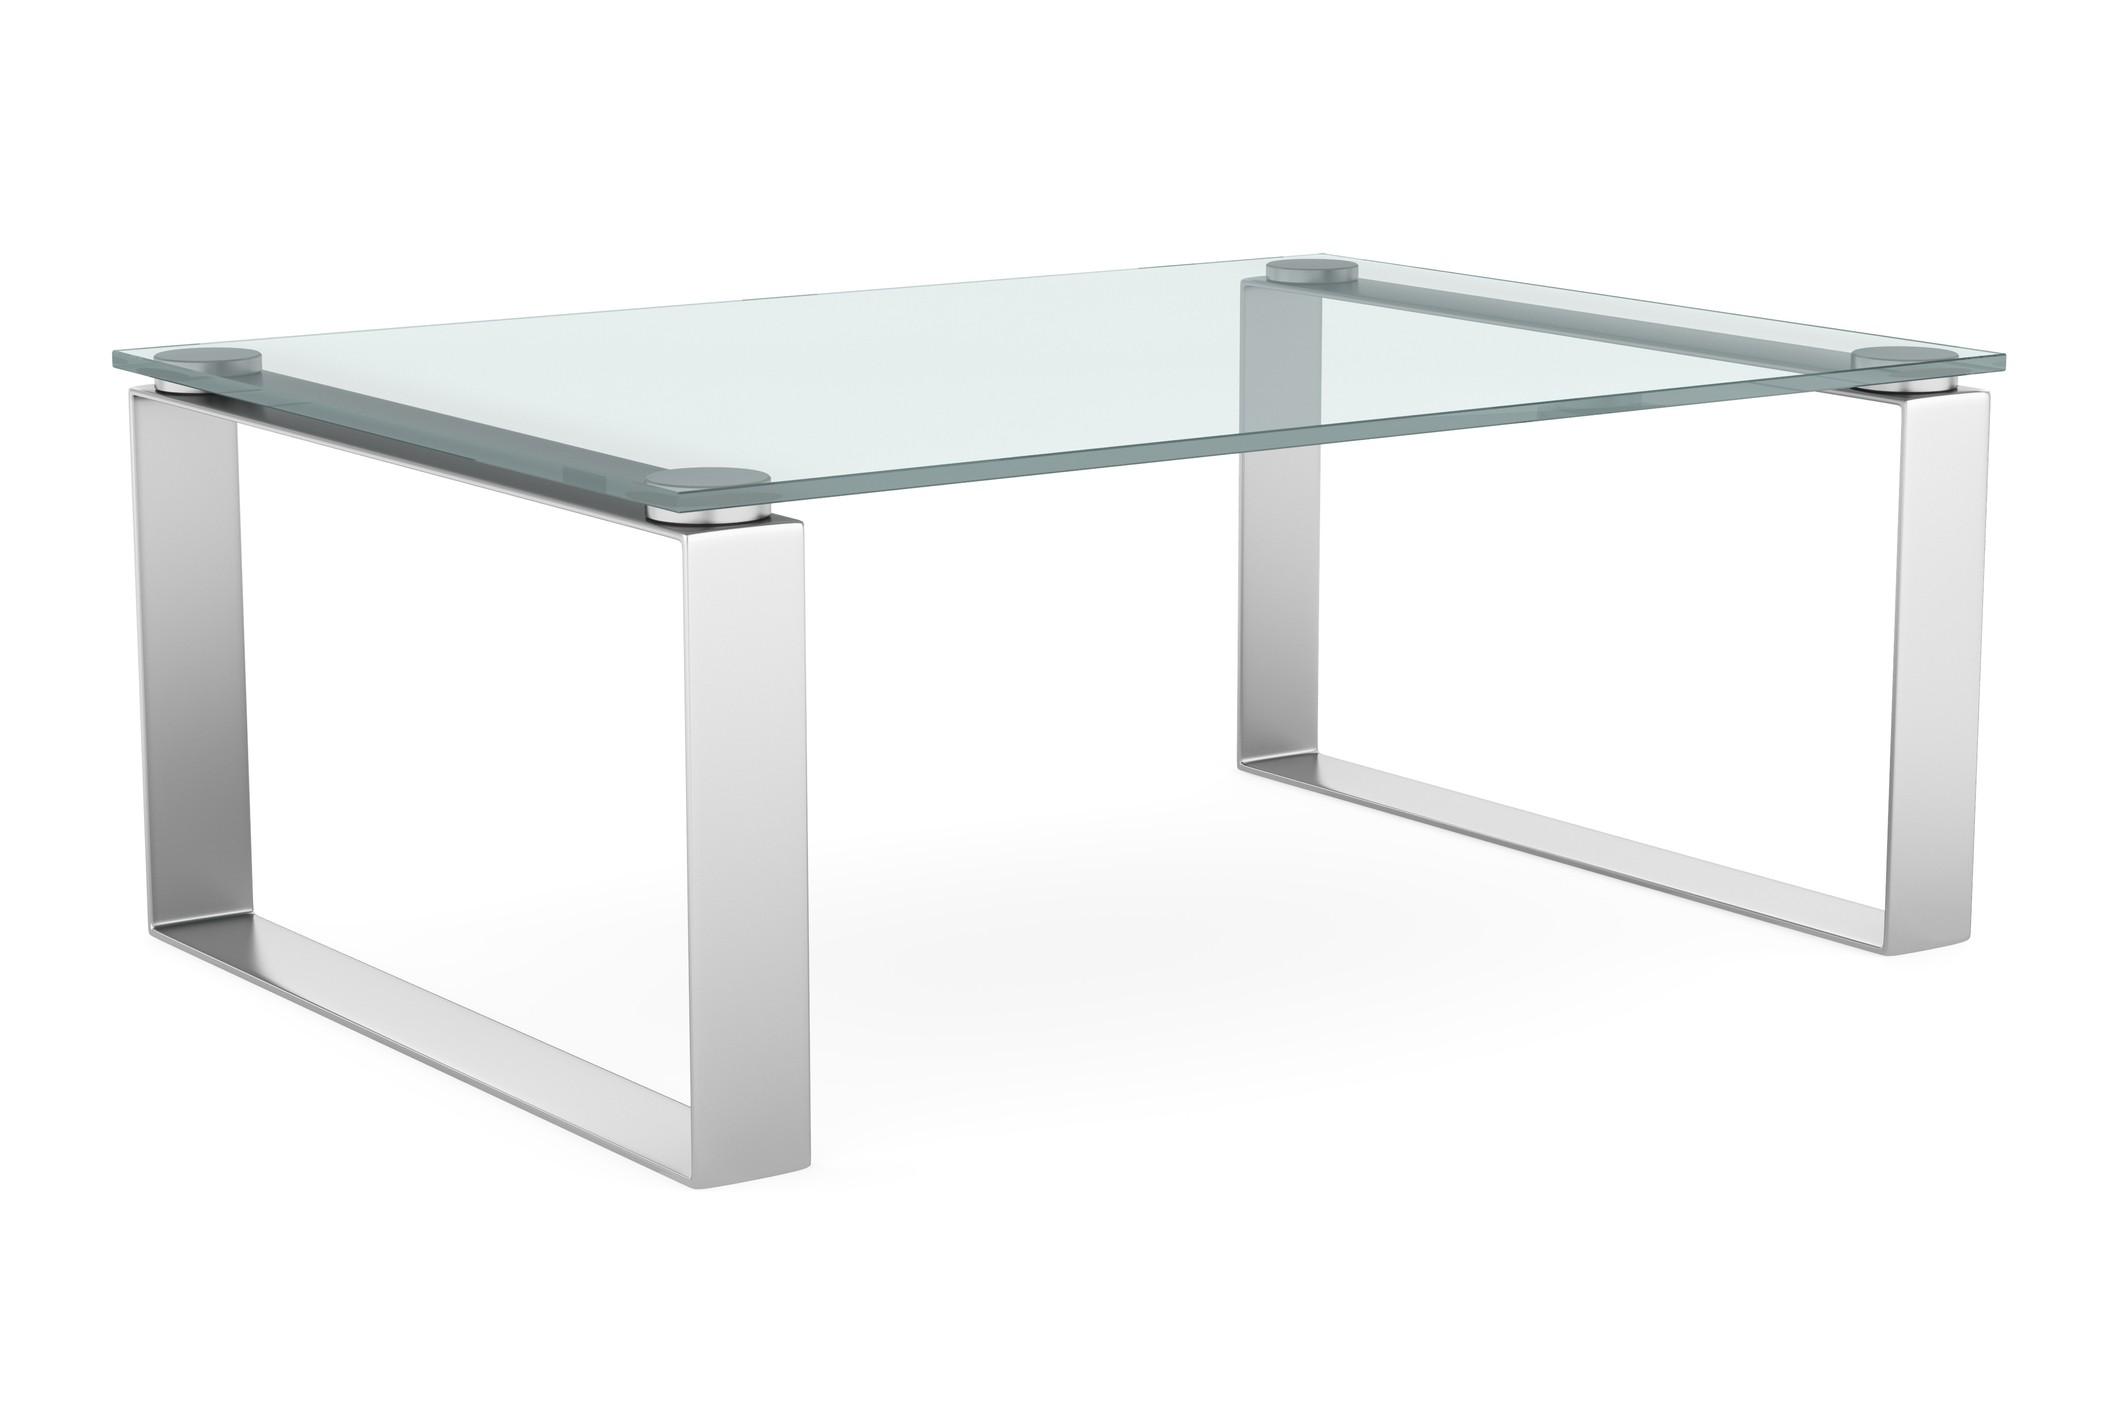 Comment recouvrir une table en verre ?